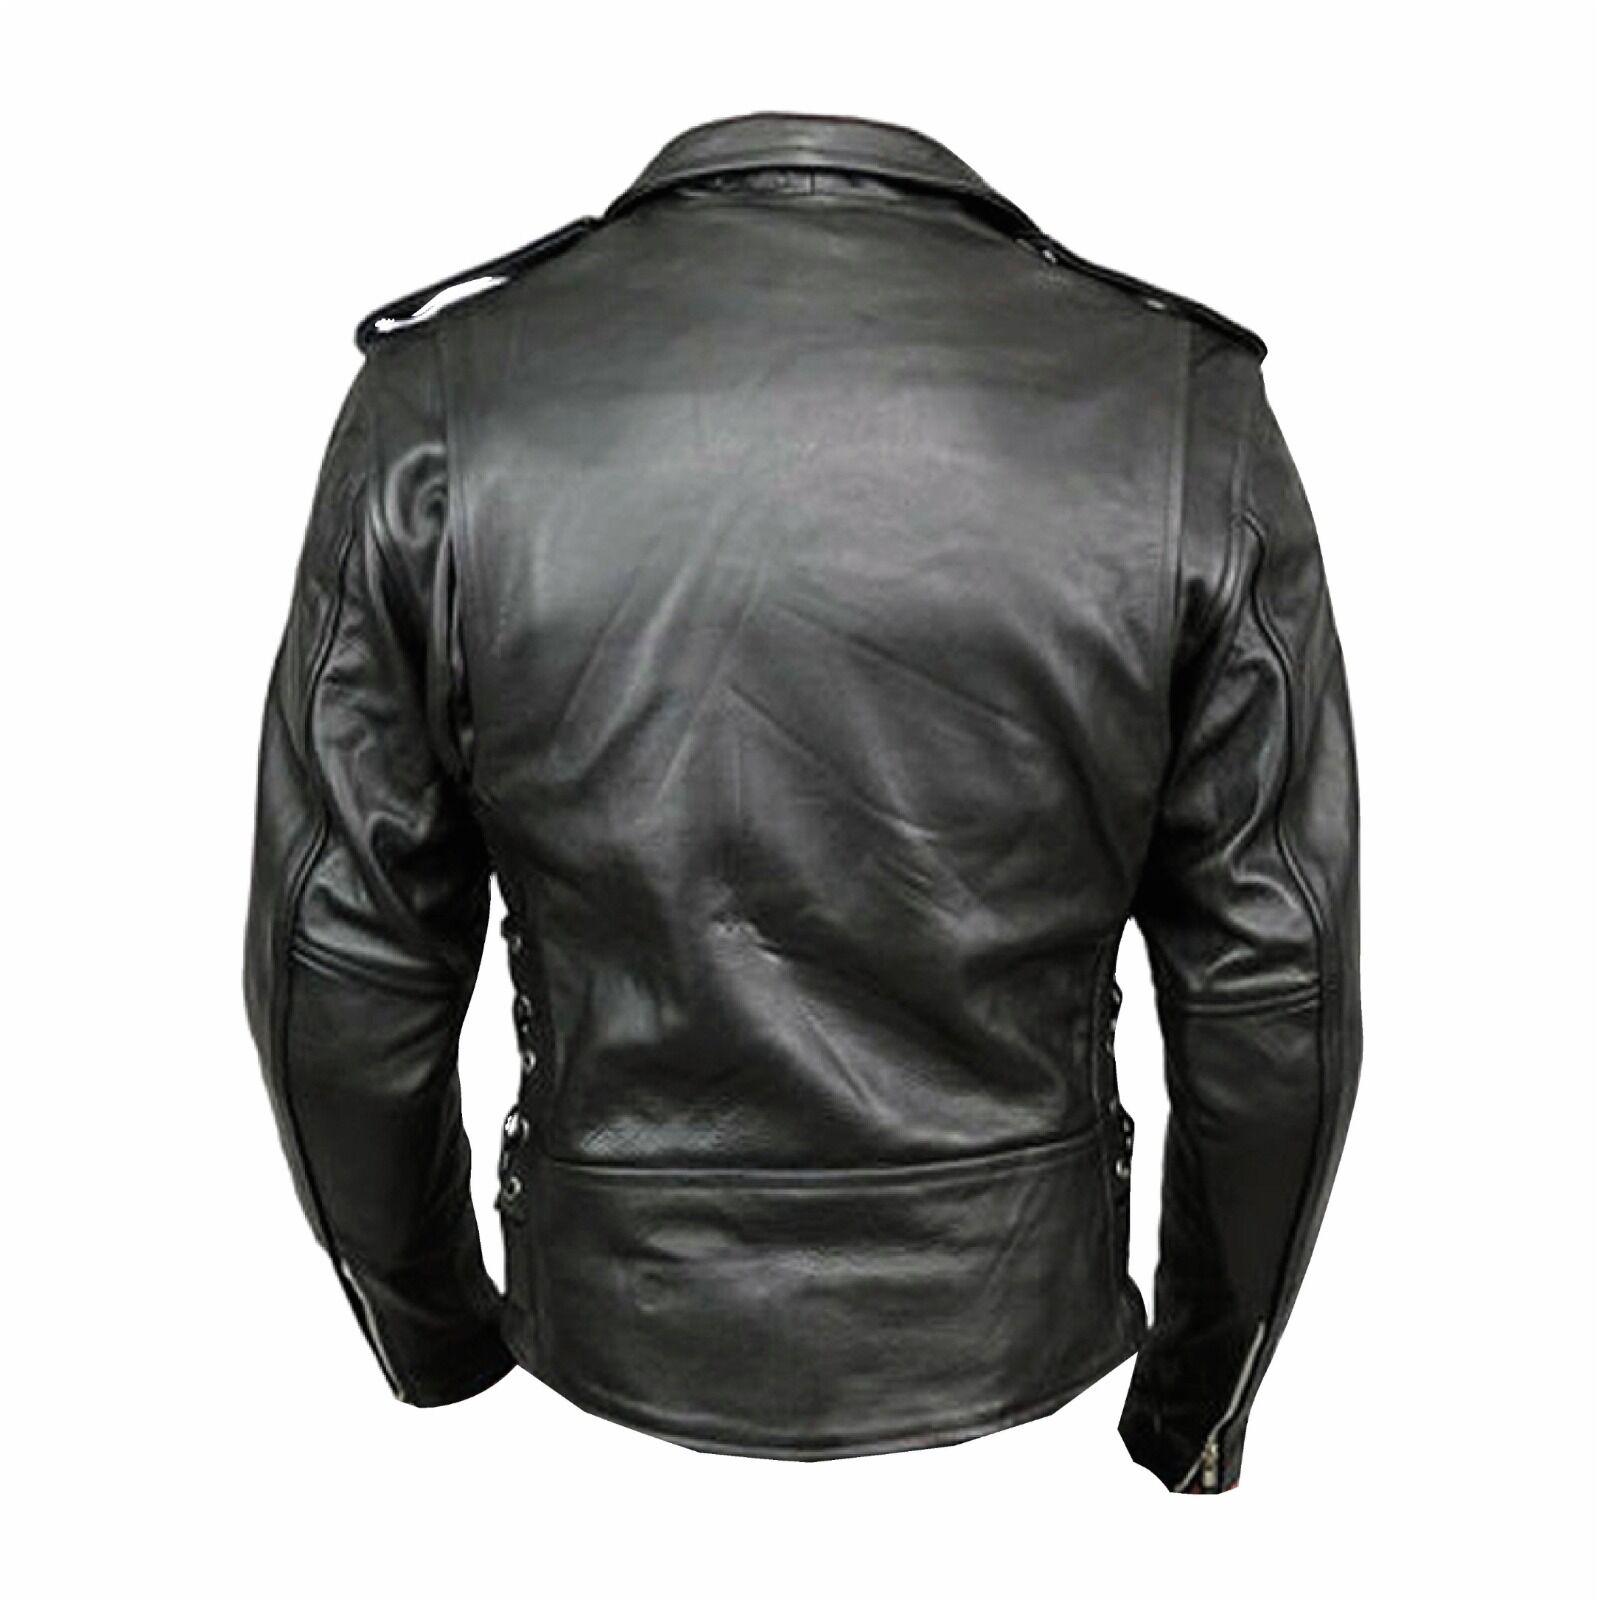 Cafe Racer Brando Style Leather Jacket